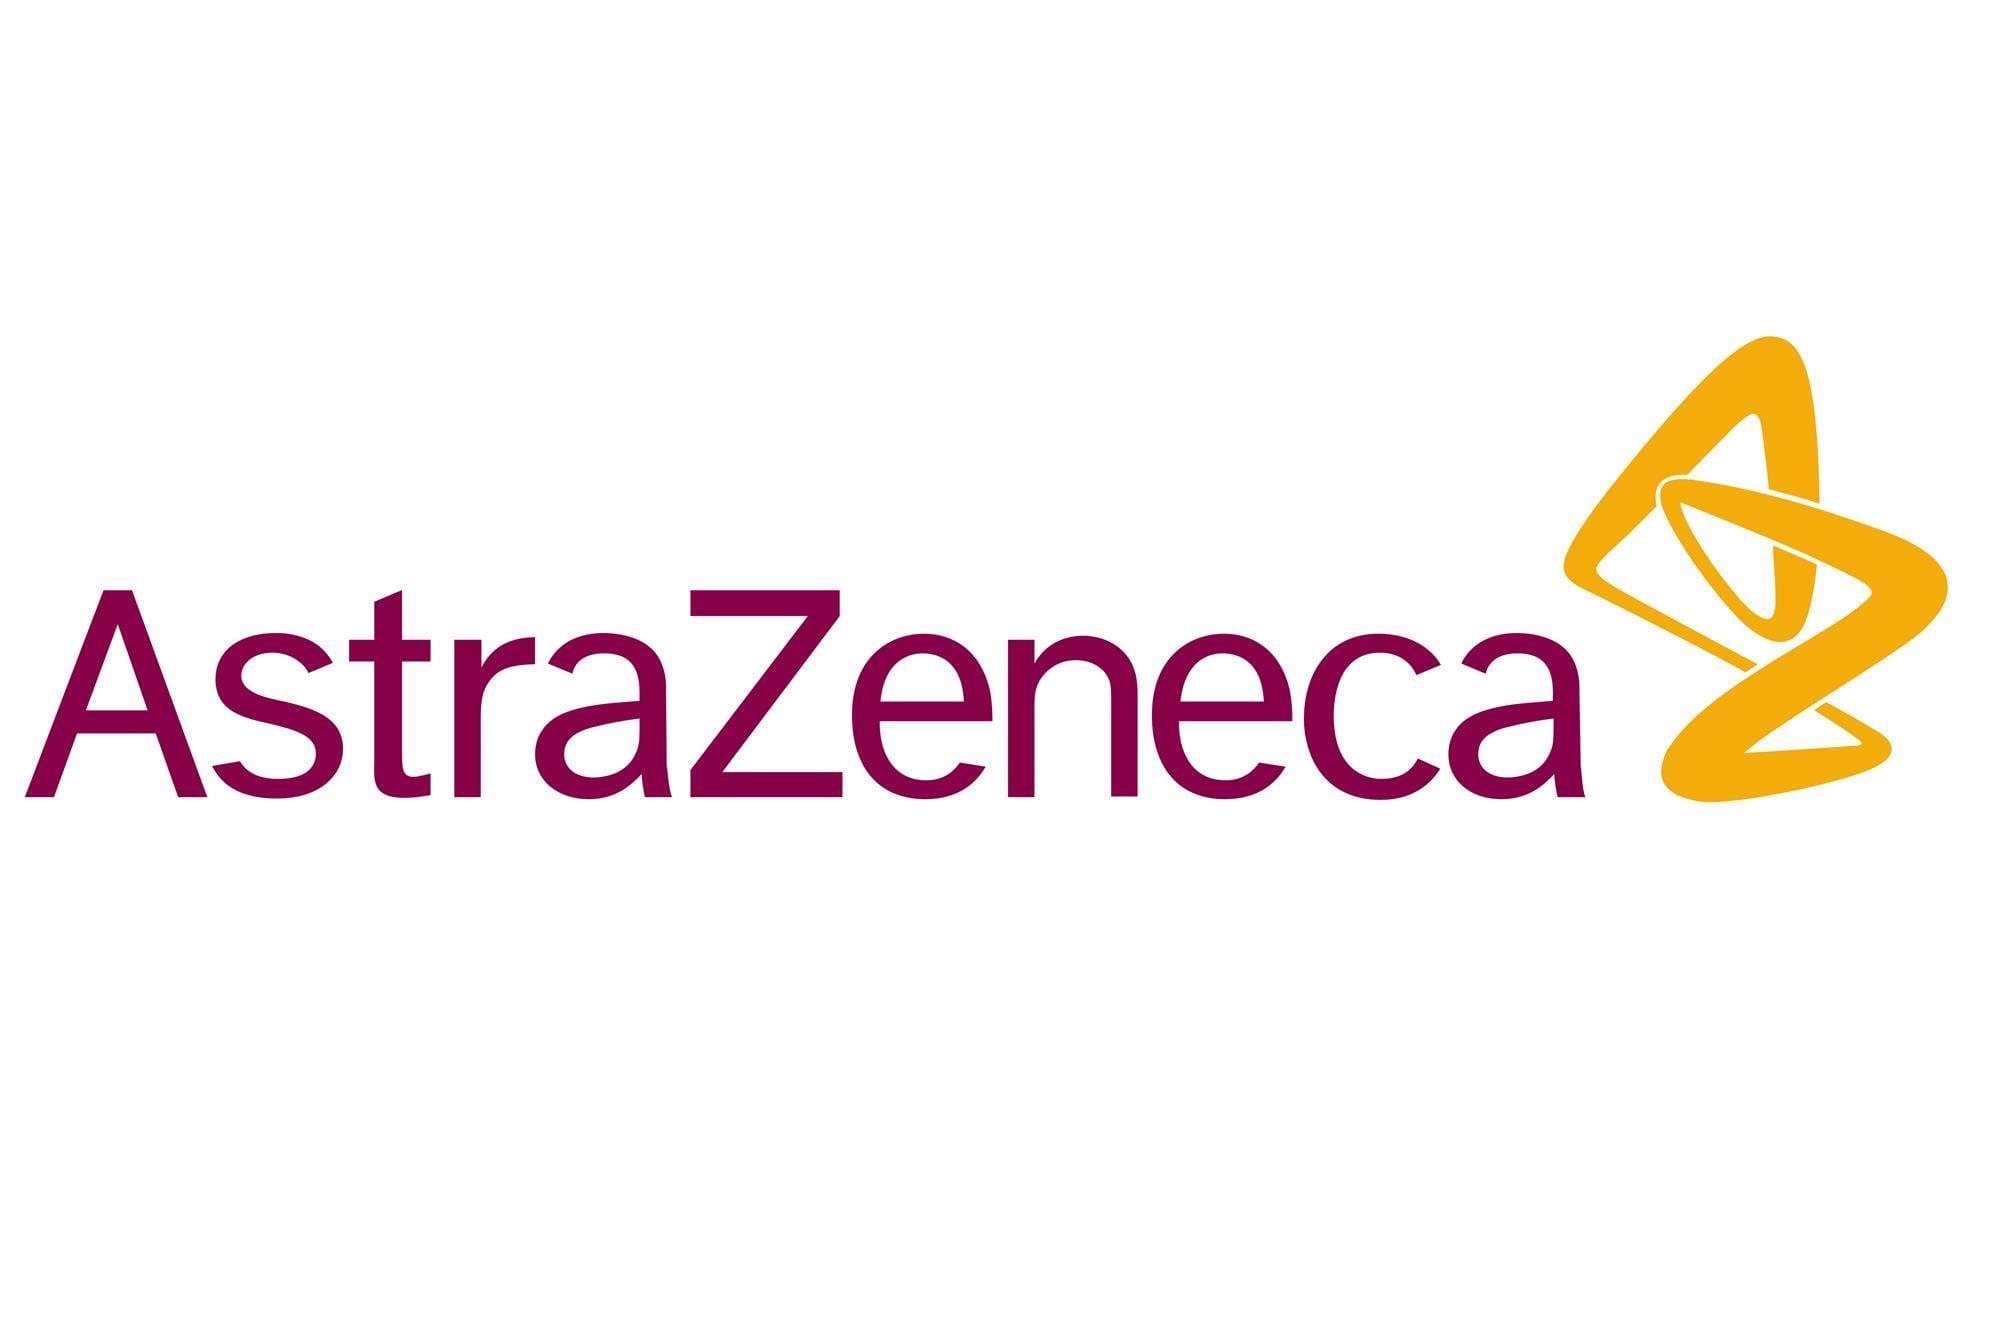 503096_astrazeneca_743224